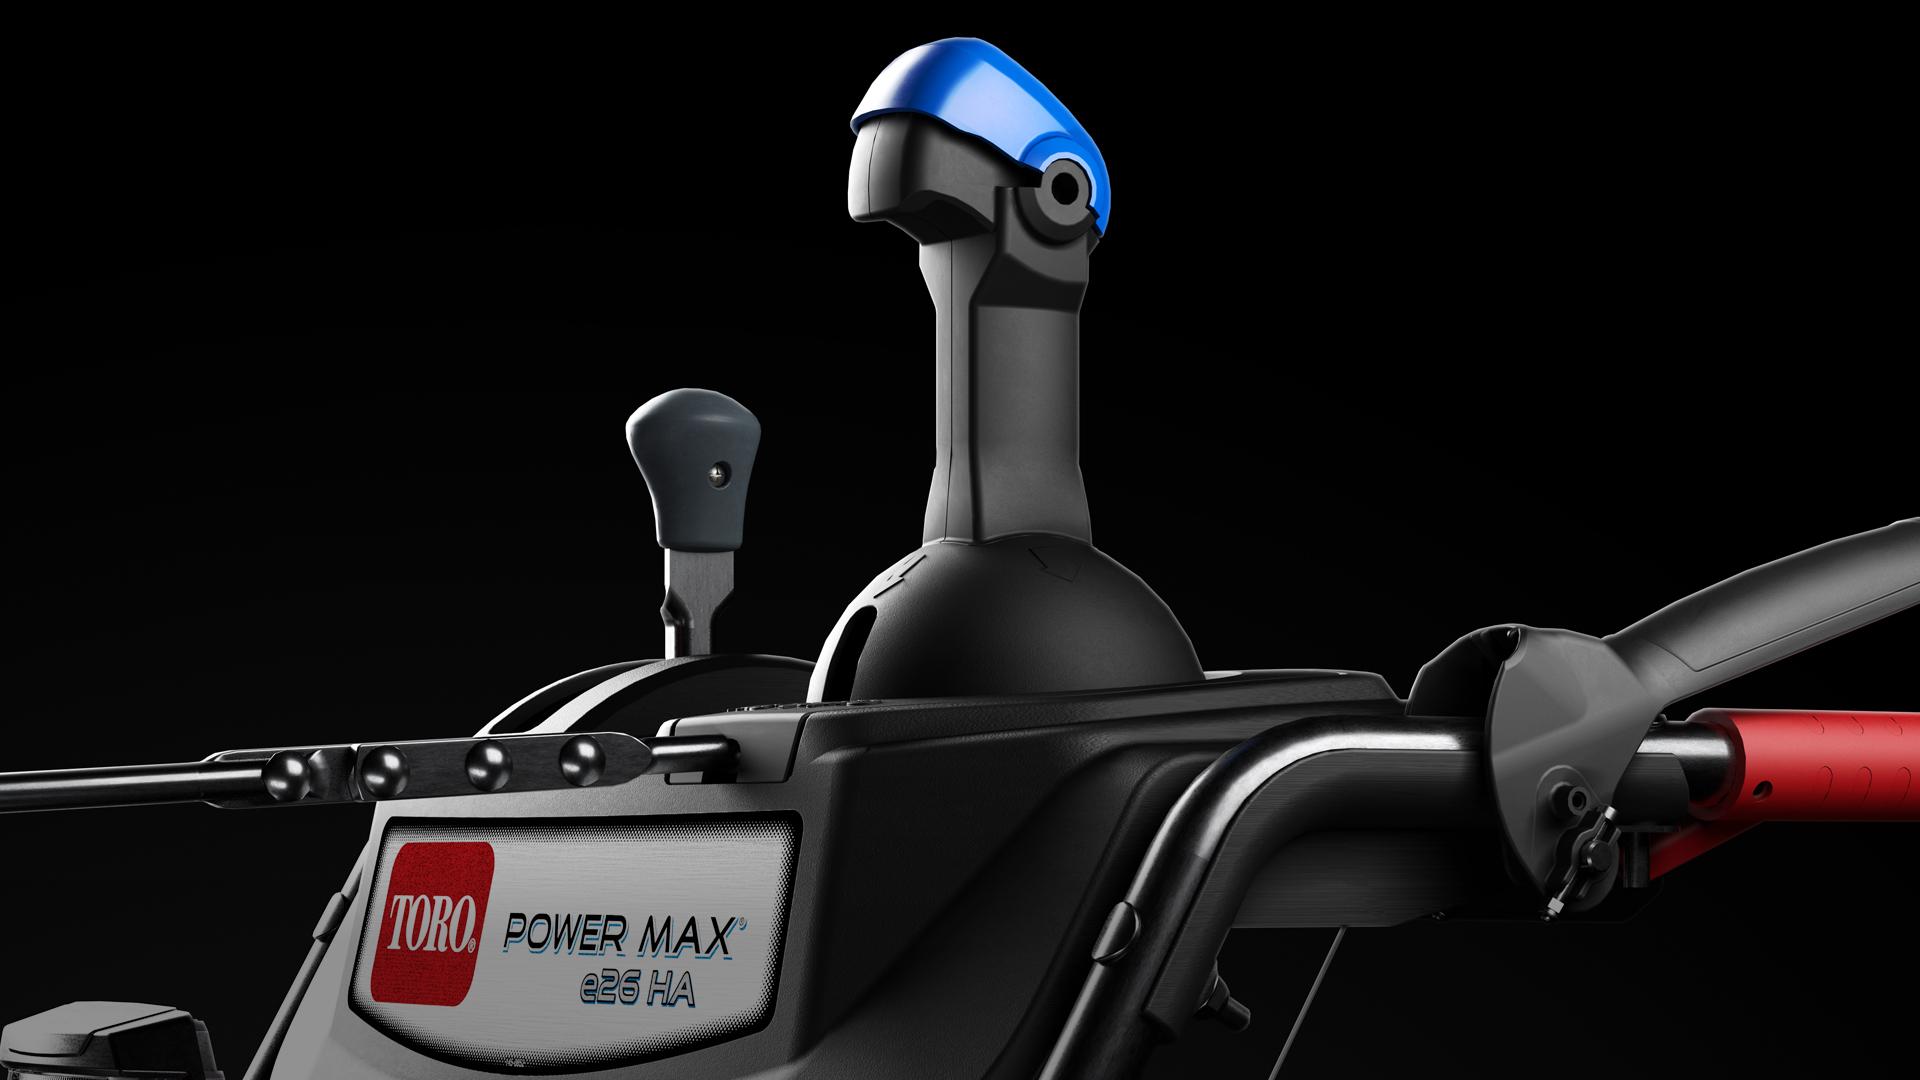 hardened gearbox